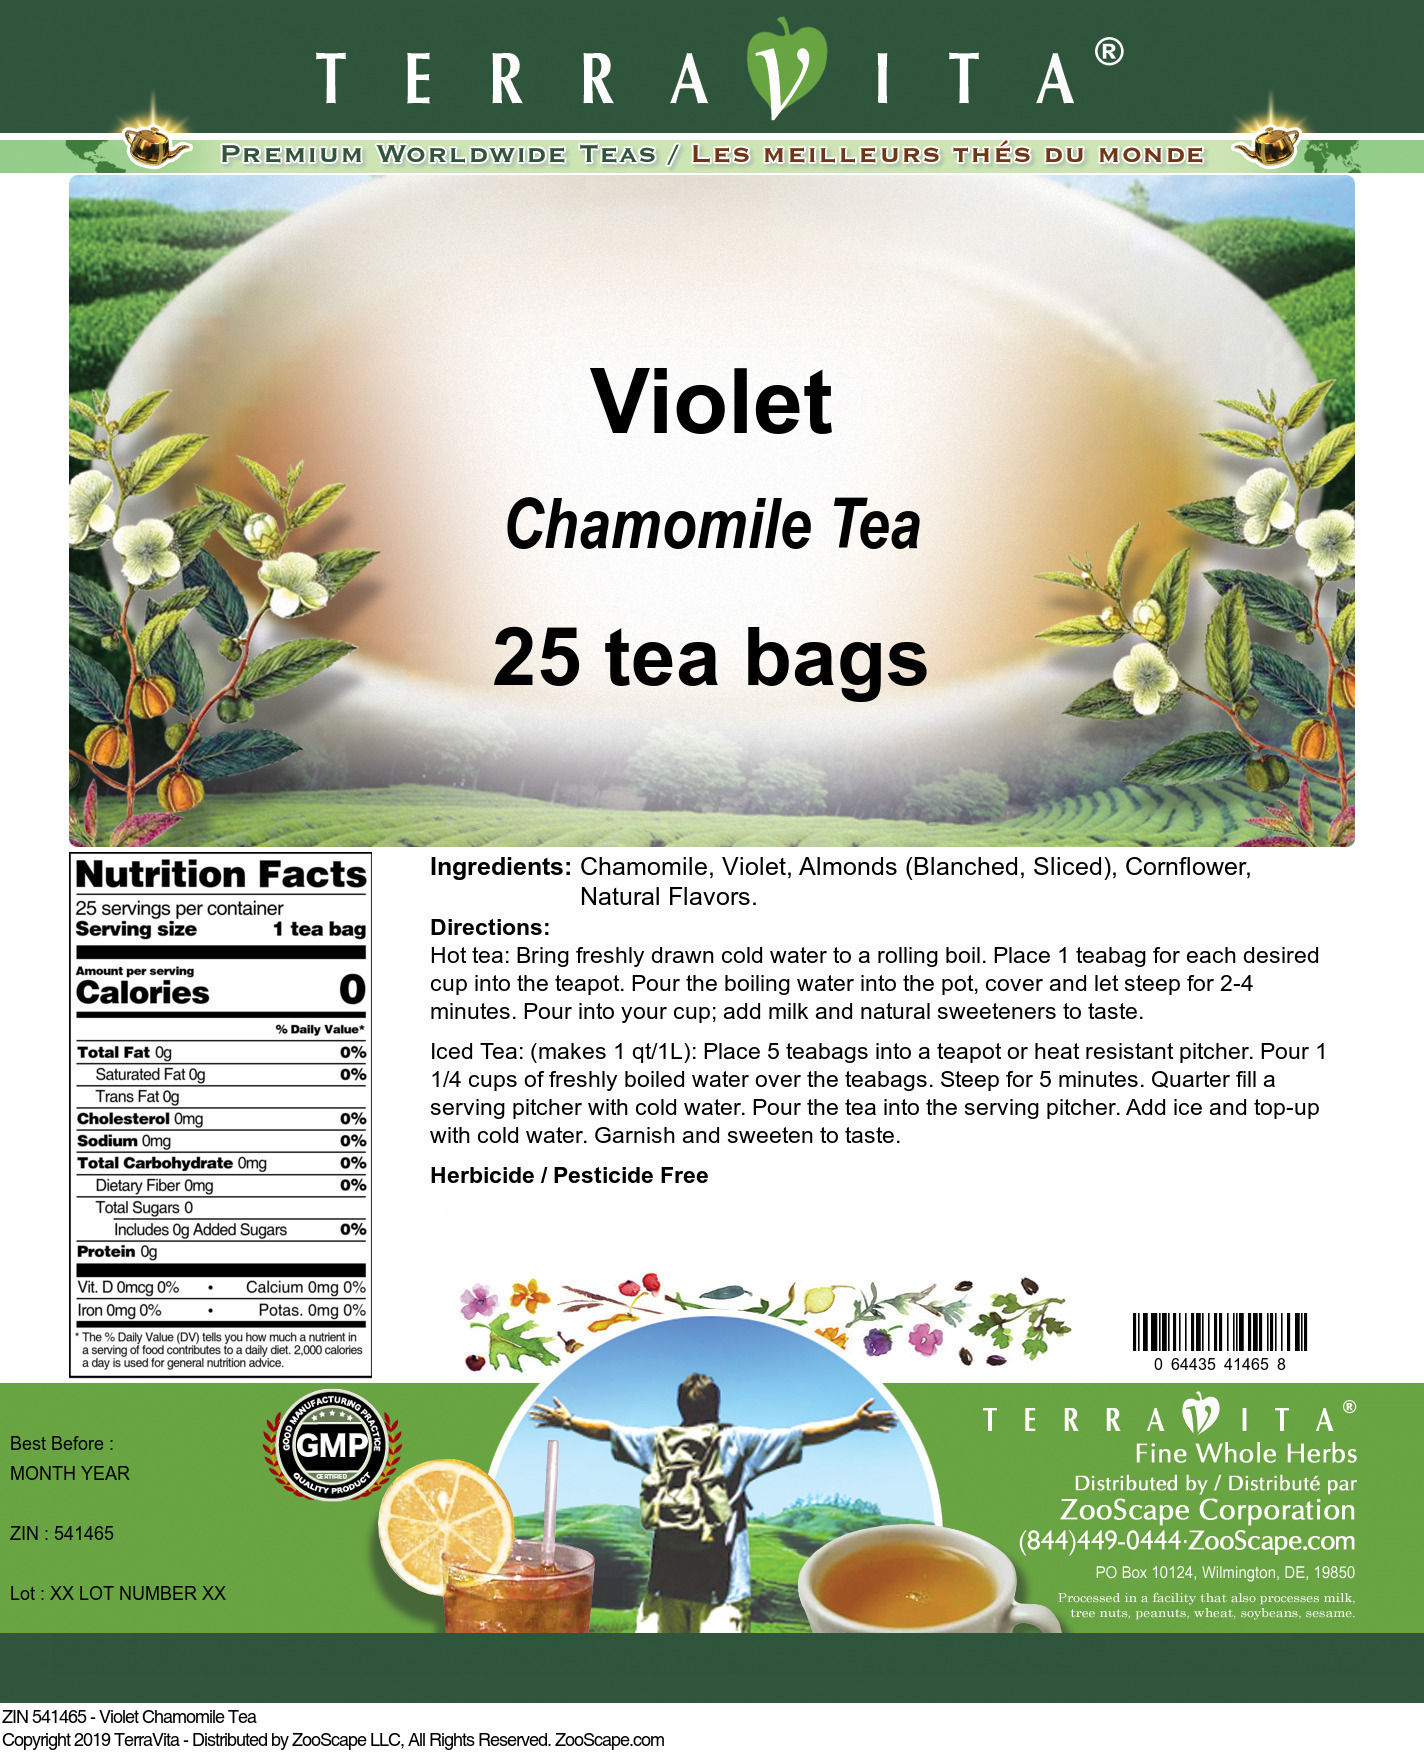 Violet Chamomile Tea